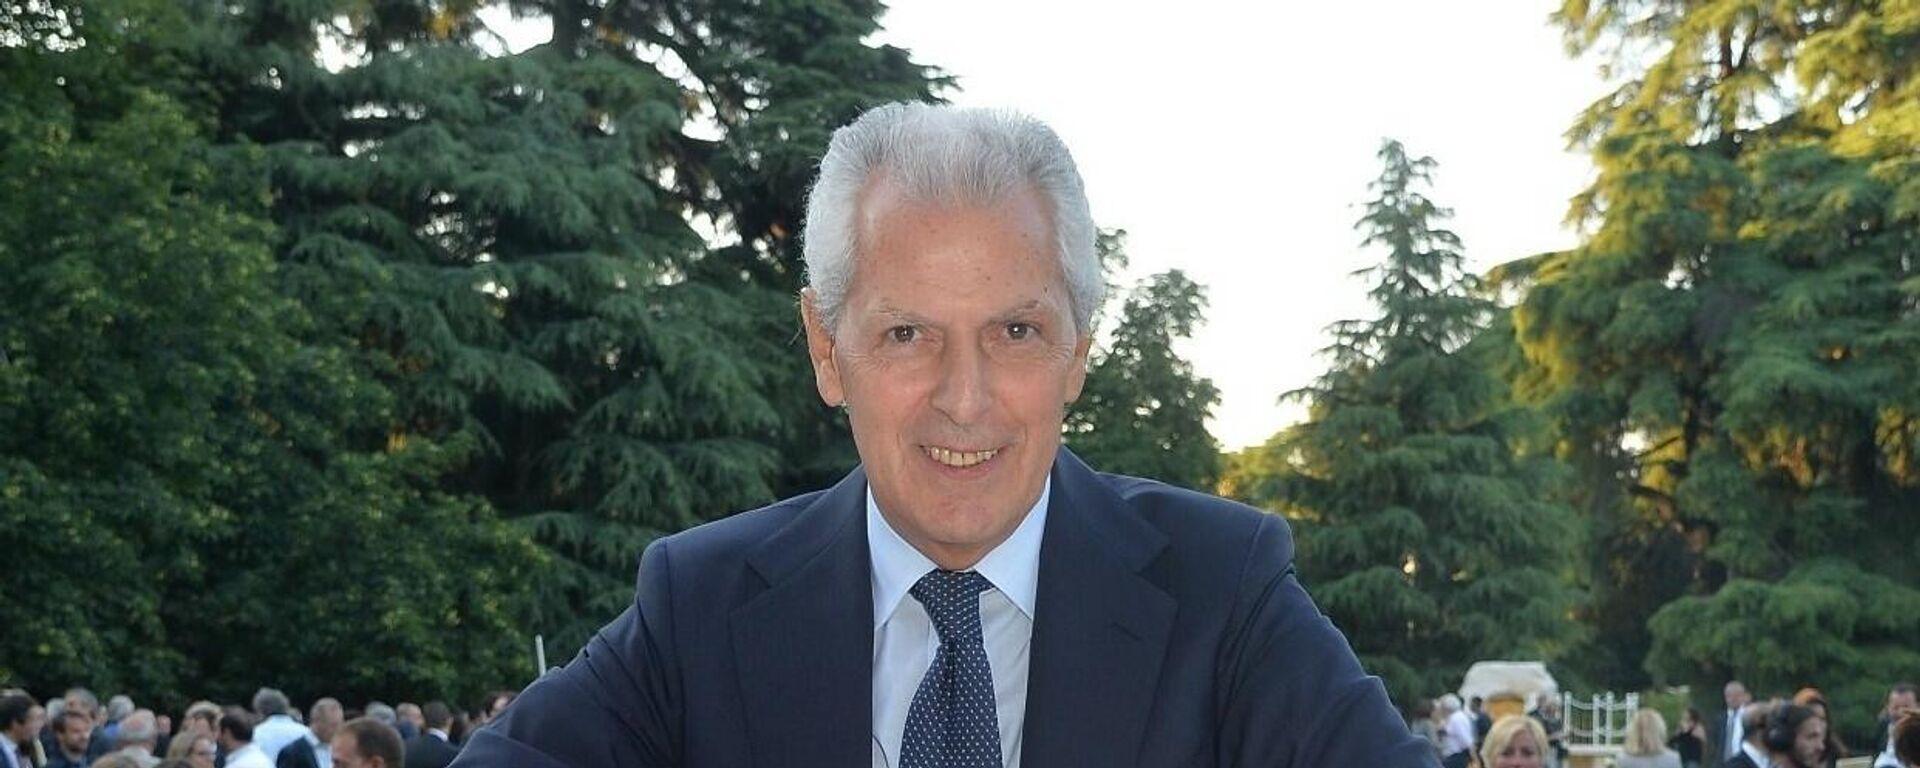 Marco Tronchetti Provera, amministratore delegato di Pirelli - Sputnik Italia, 1920, 05.07.2021